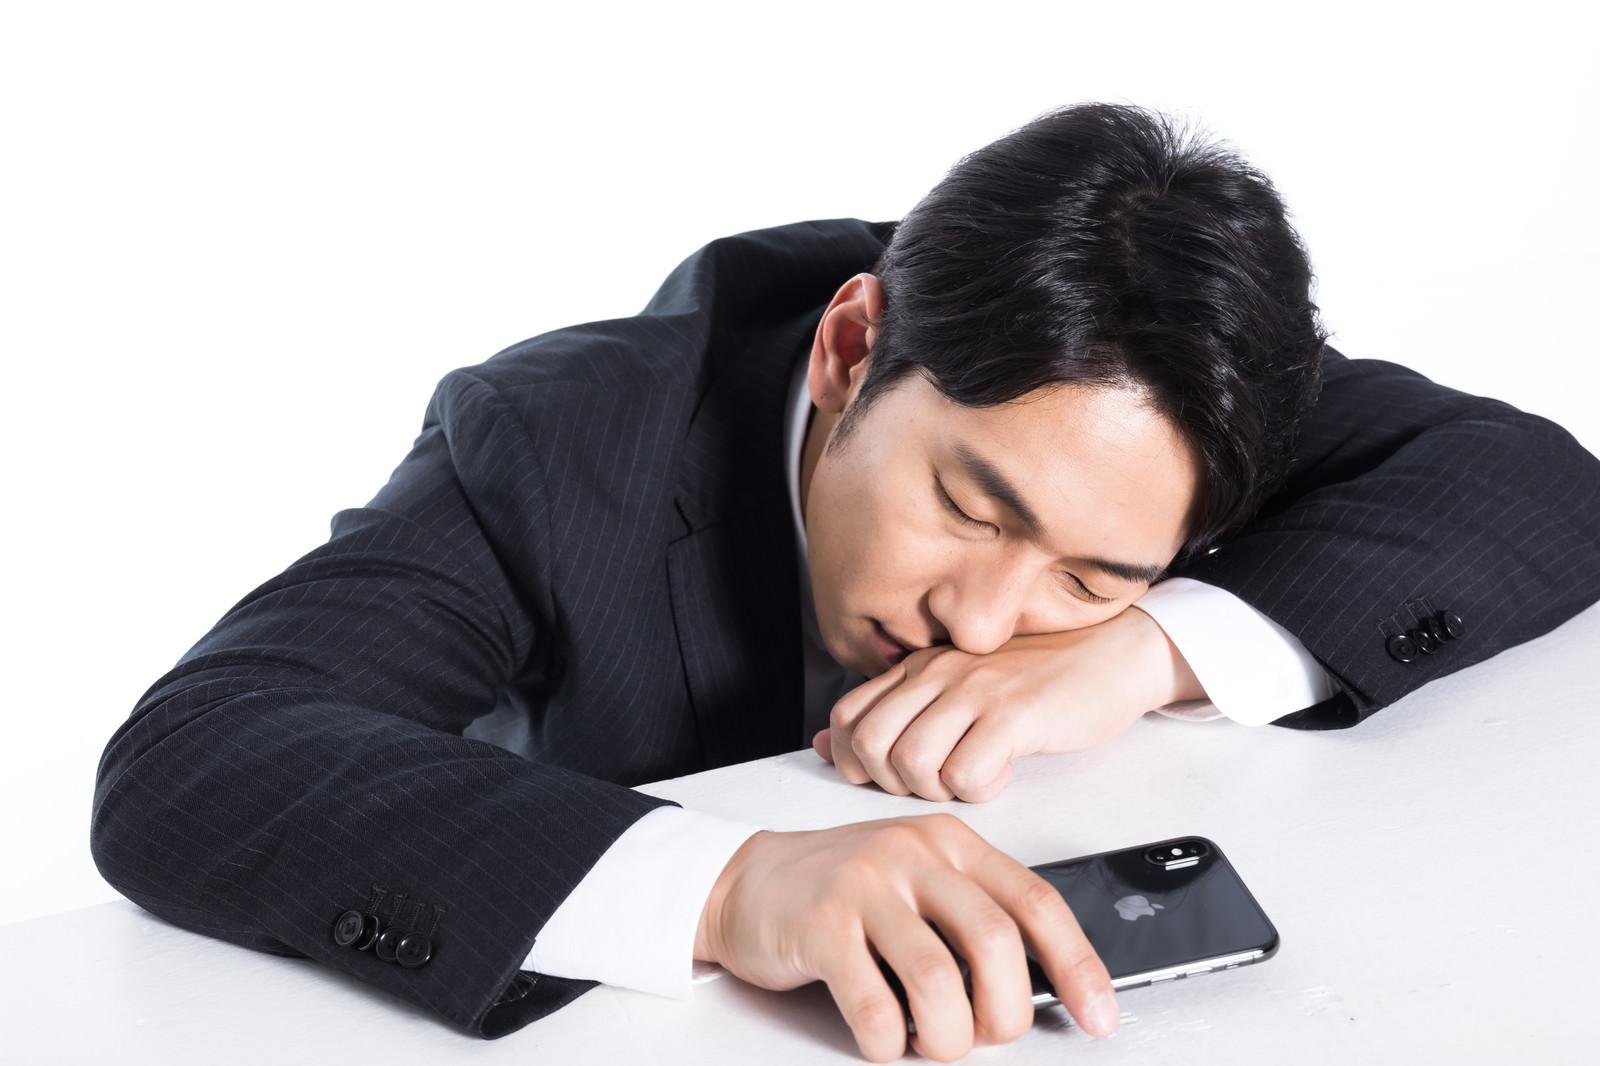 「スマホ持ちながら寝落ちする会社員」の写真[モデル:大川竜弥]